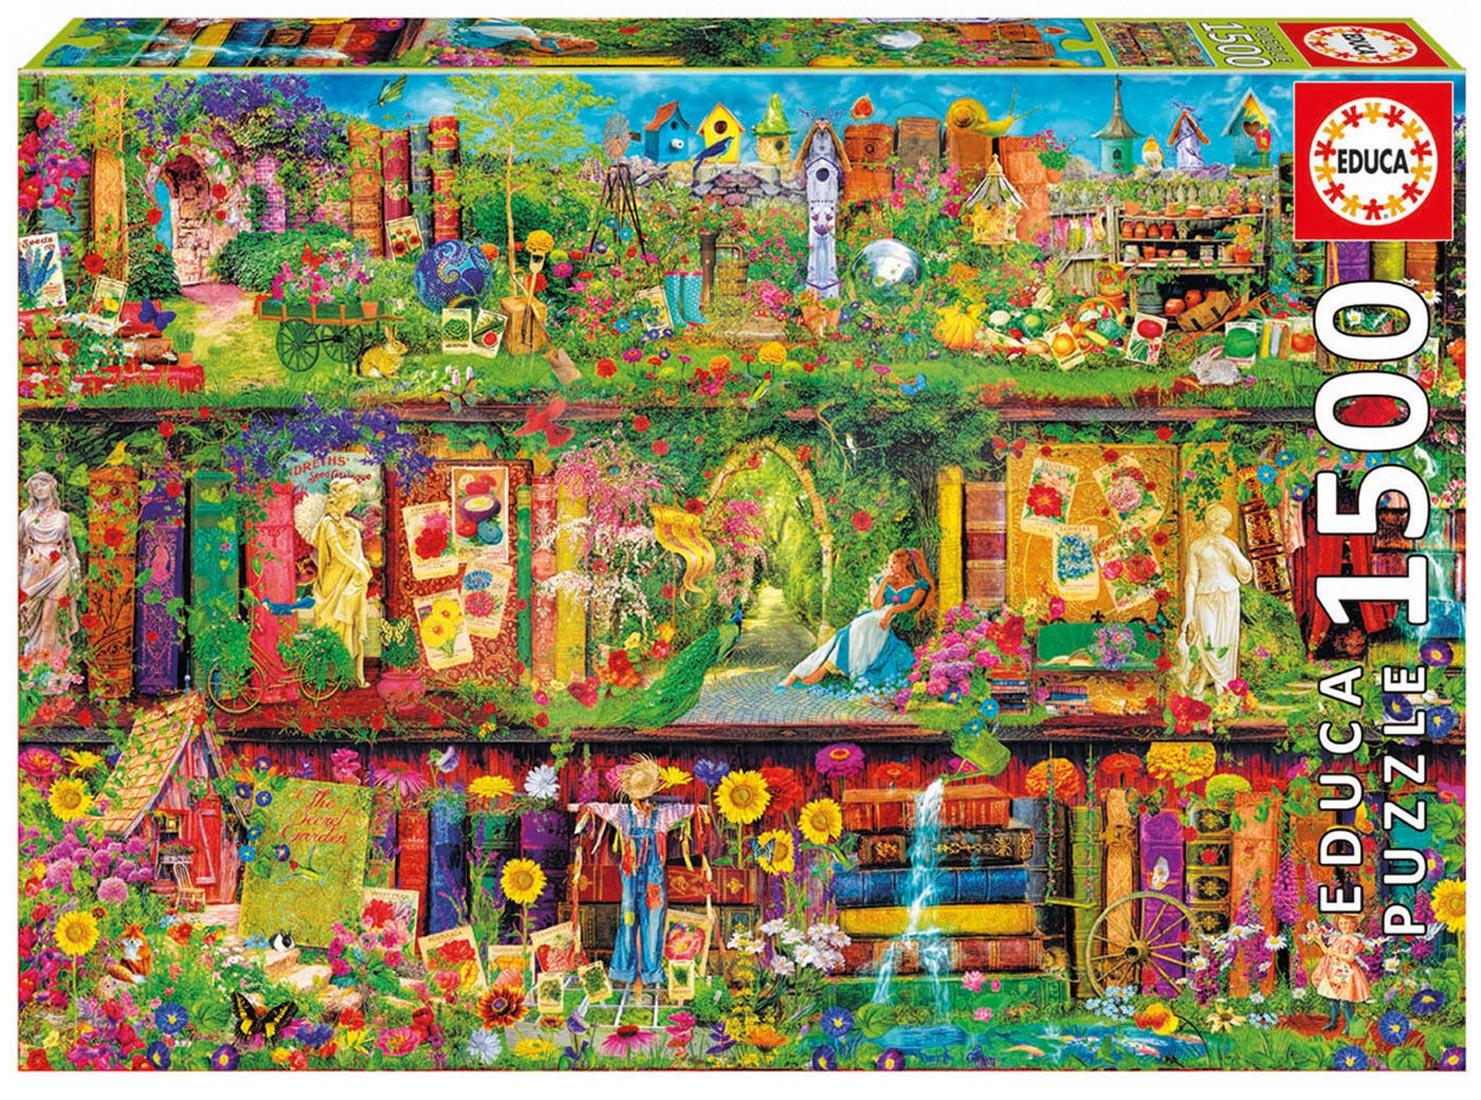 Puzzle 1500 dielne - Puzzle Genuine Záhradná knižnica Educa 1500 dielov